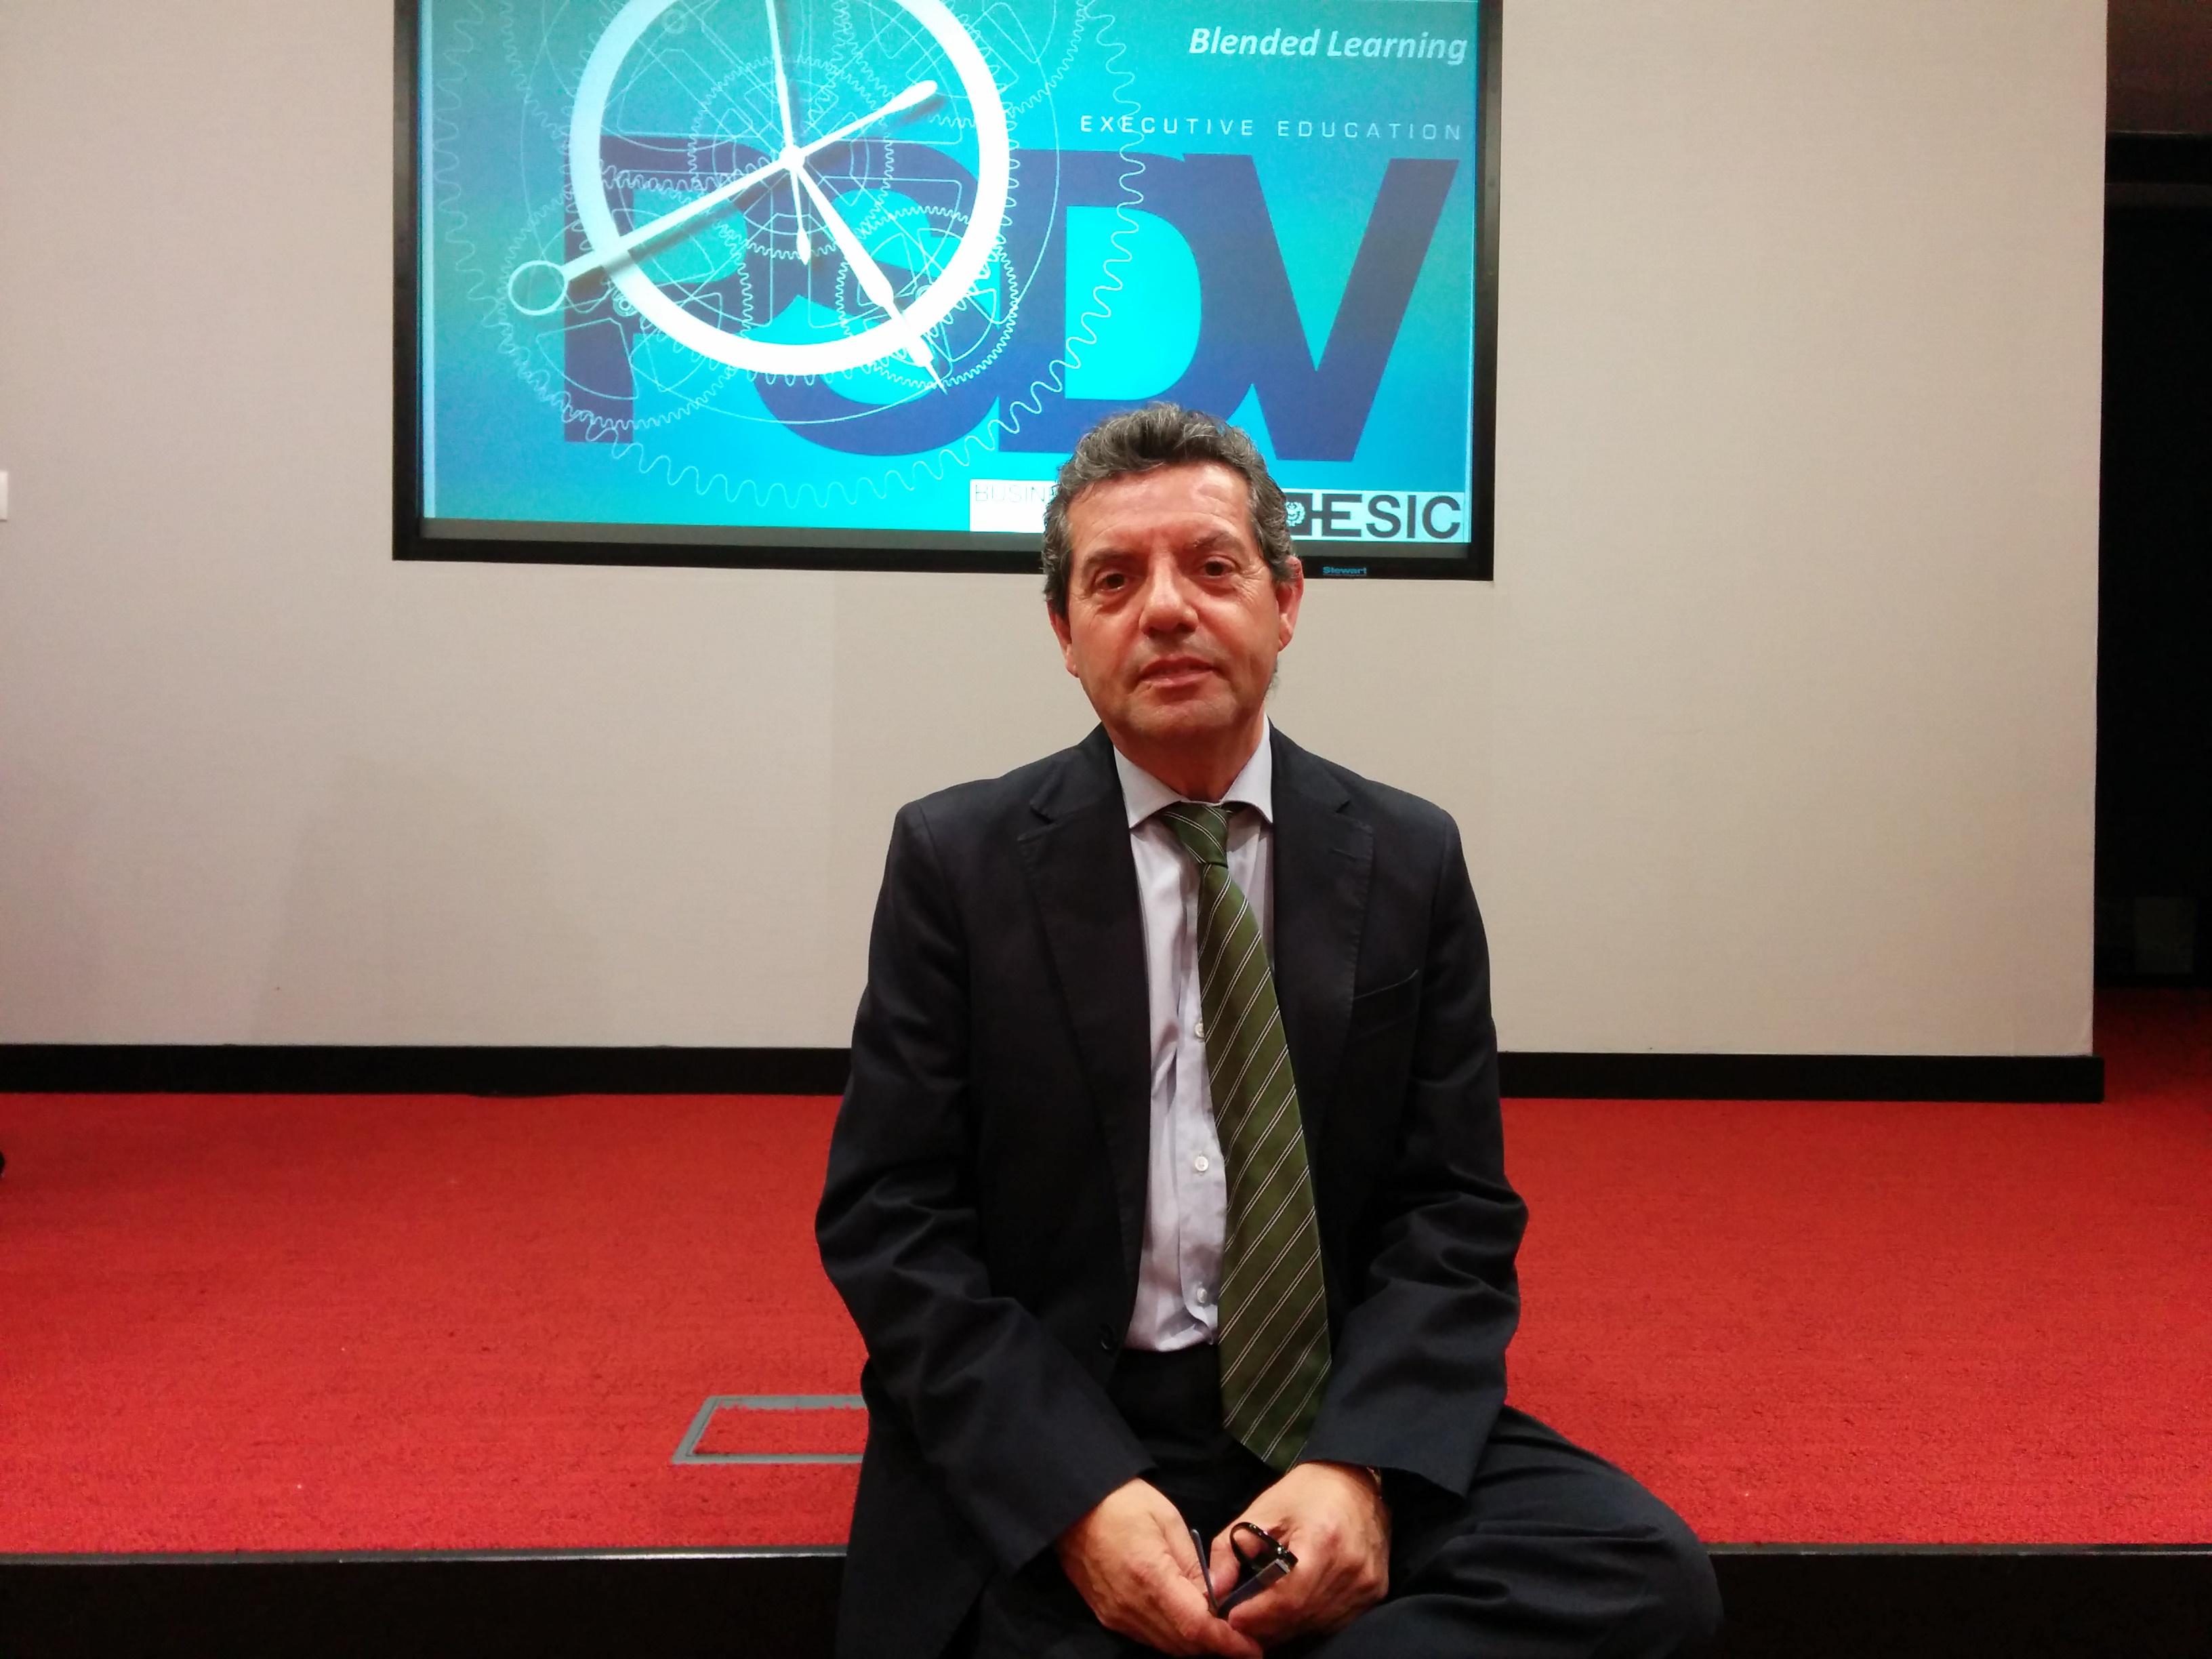 Doroteo González Pastor minutos antes de impartir la conferencia.